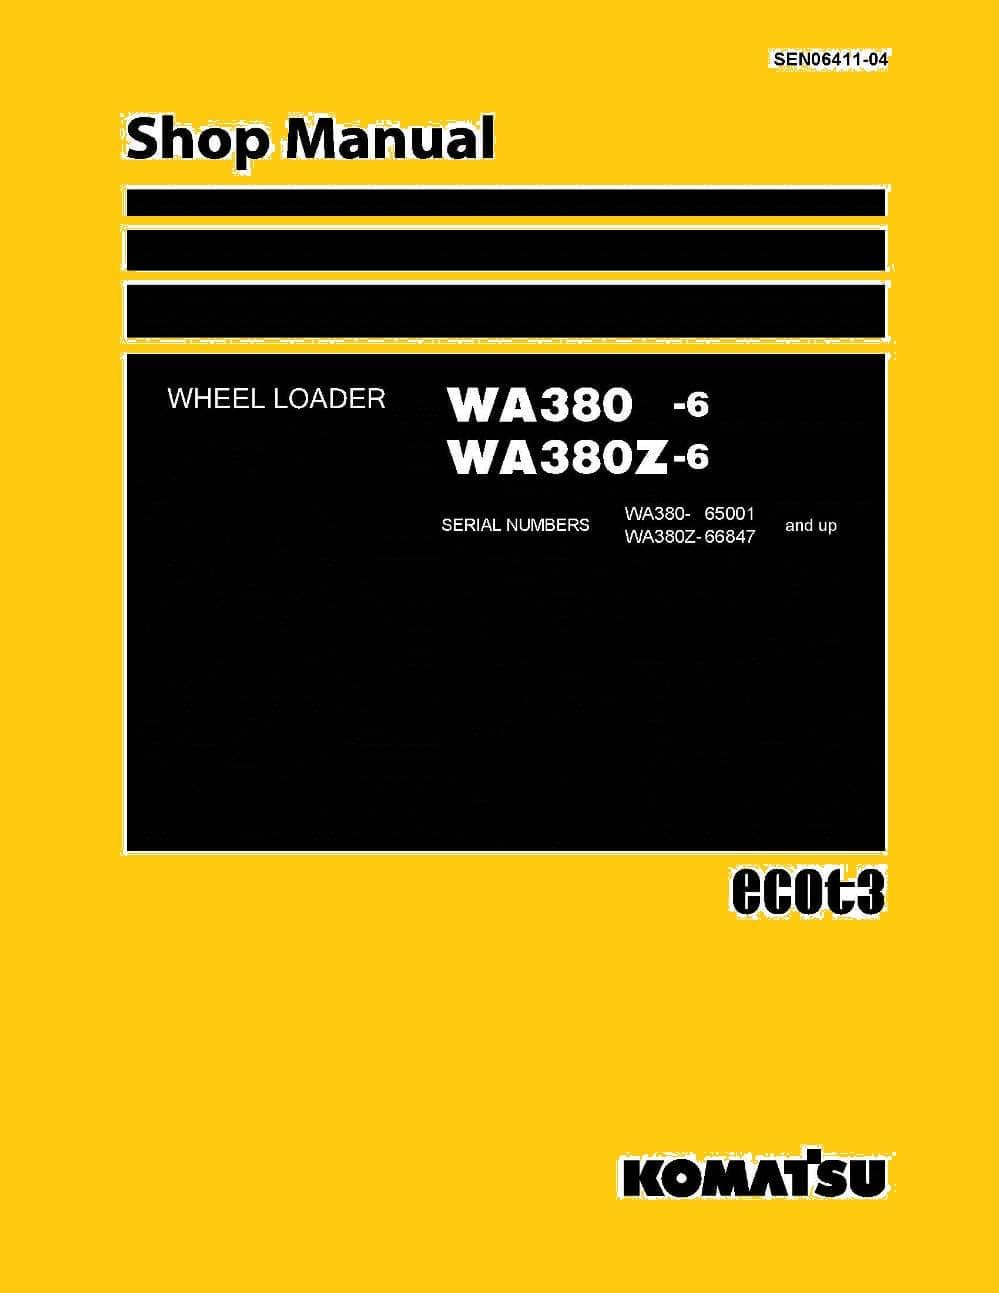 Komatsu Wheel Loader Wa380  Wa380z